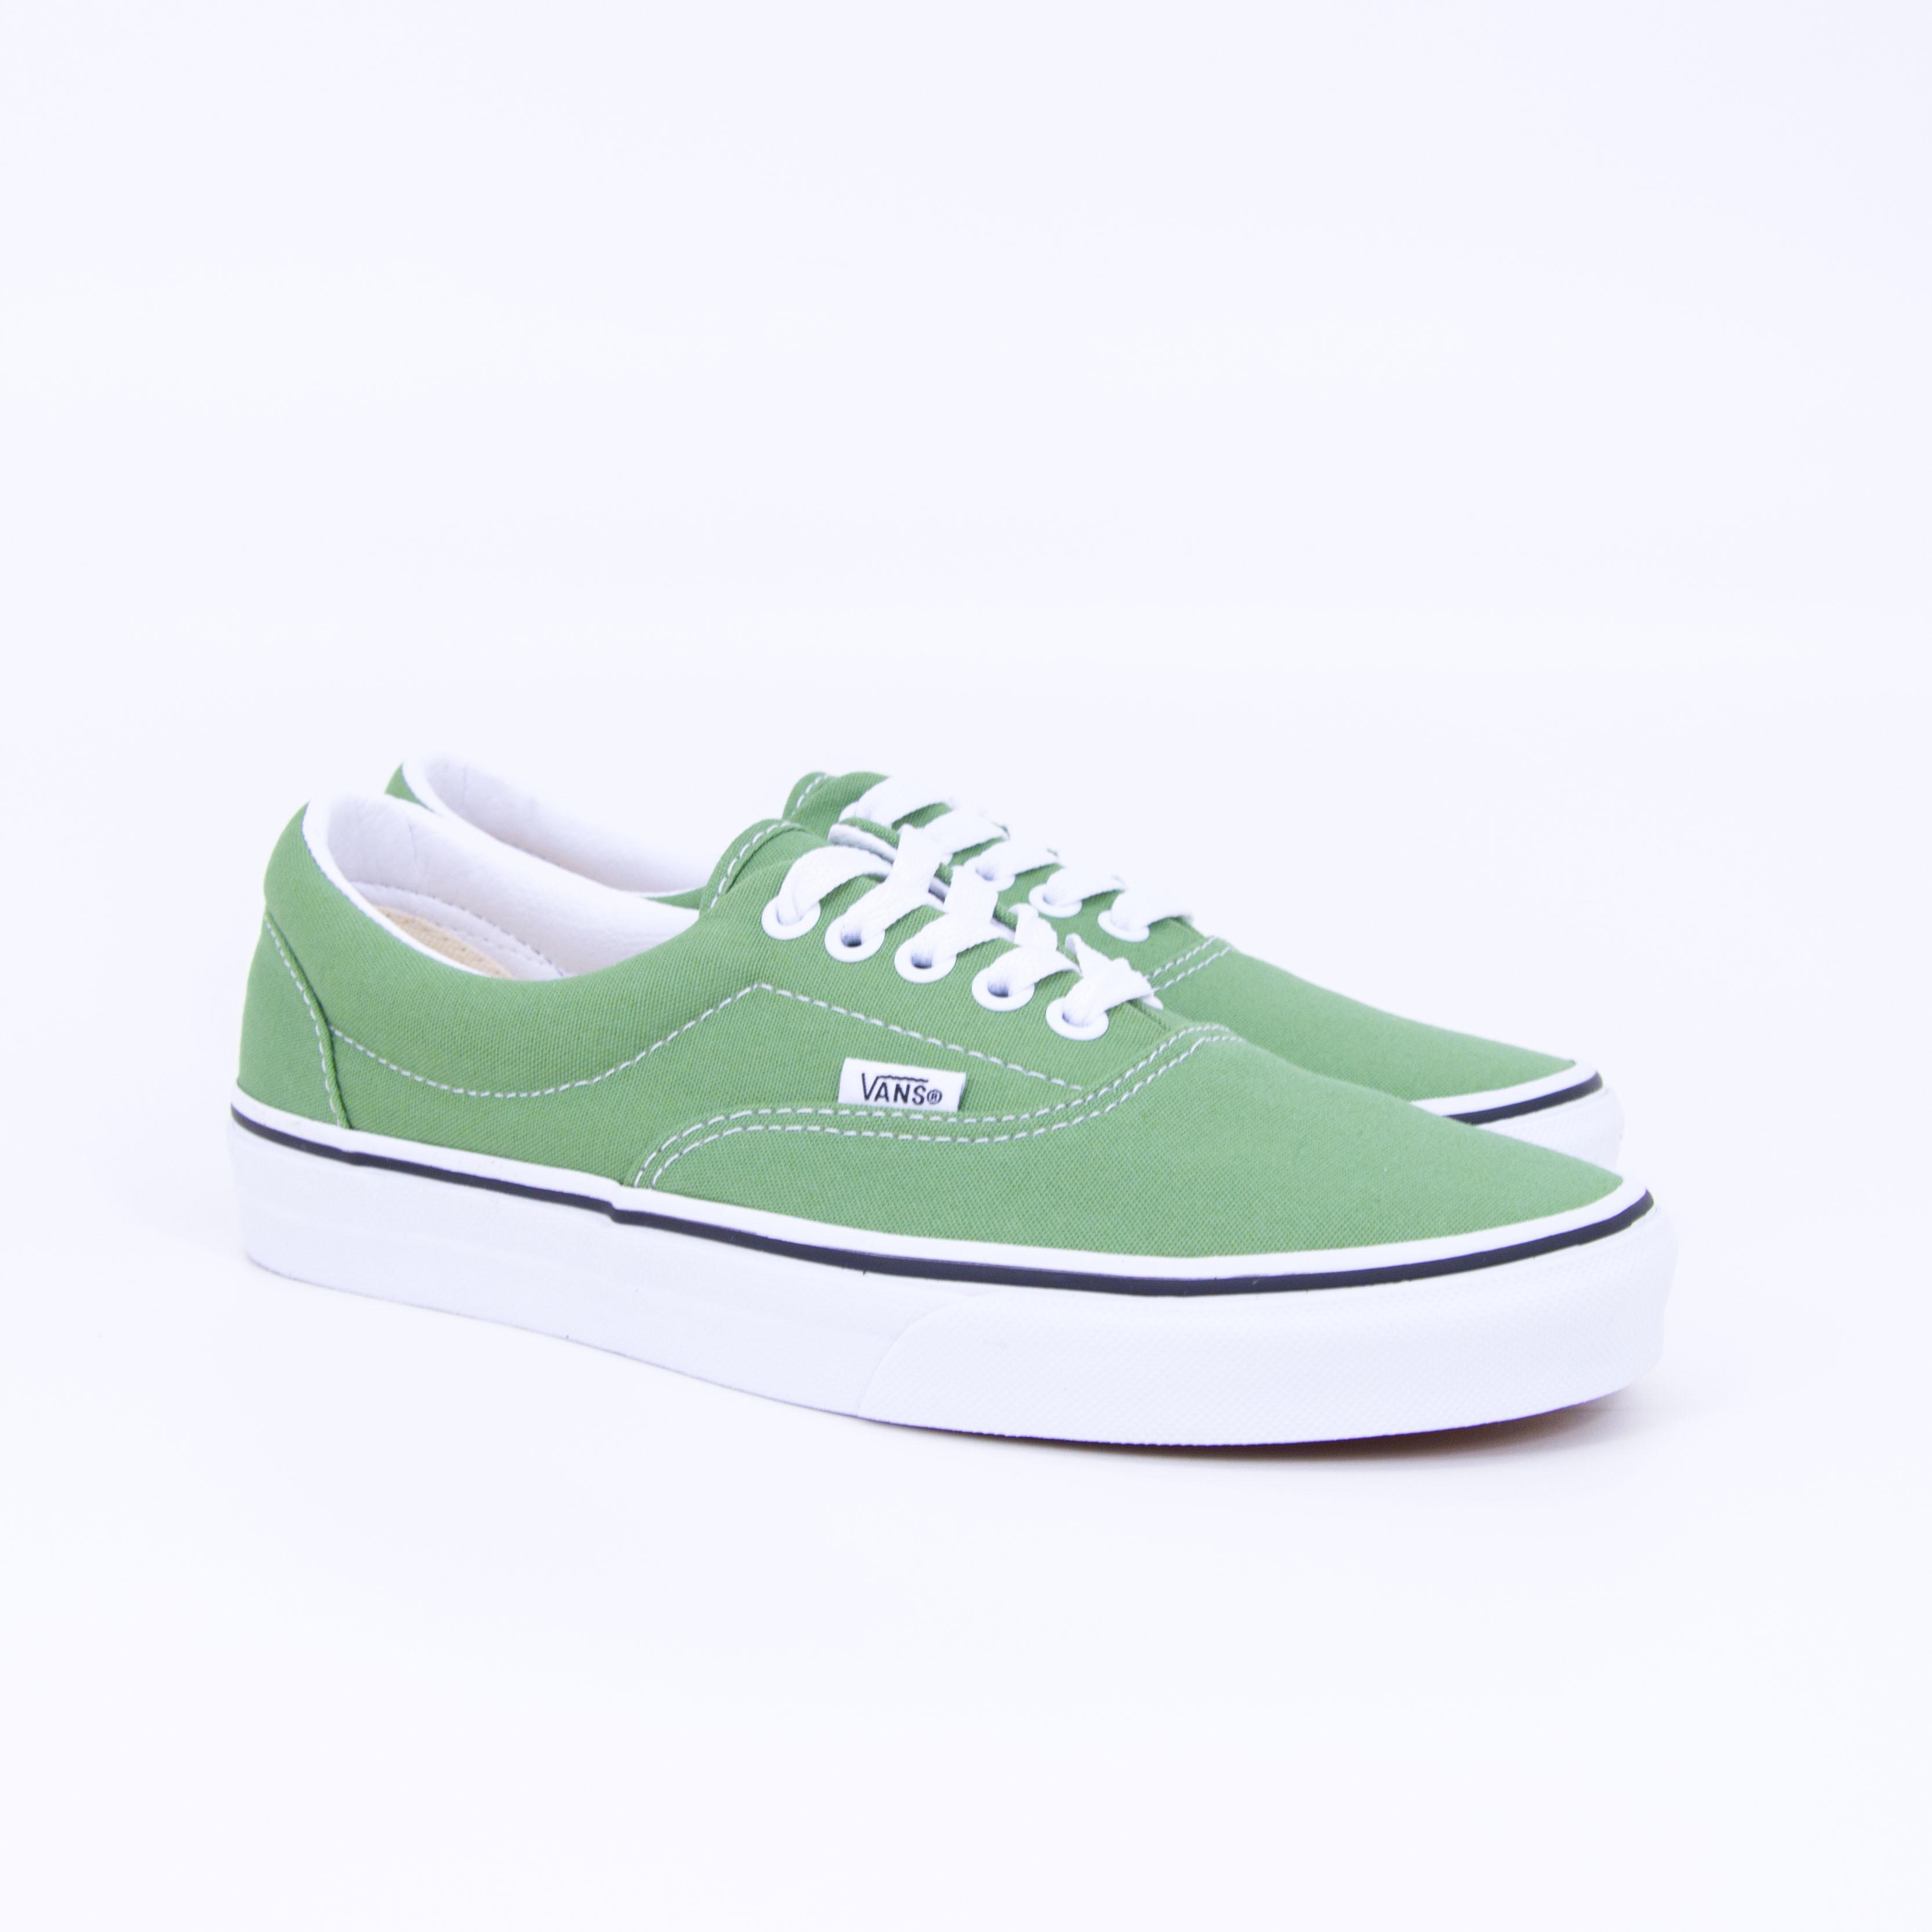 Vans - ERA - Shale Green/True White